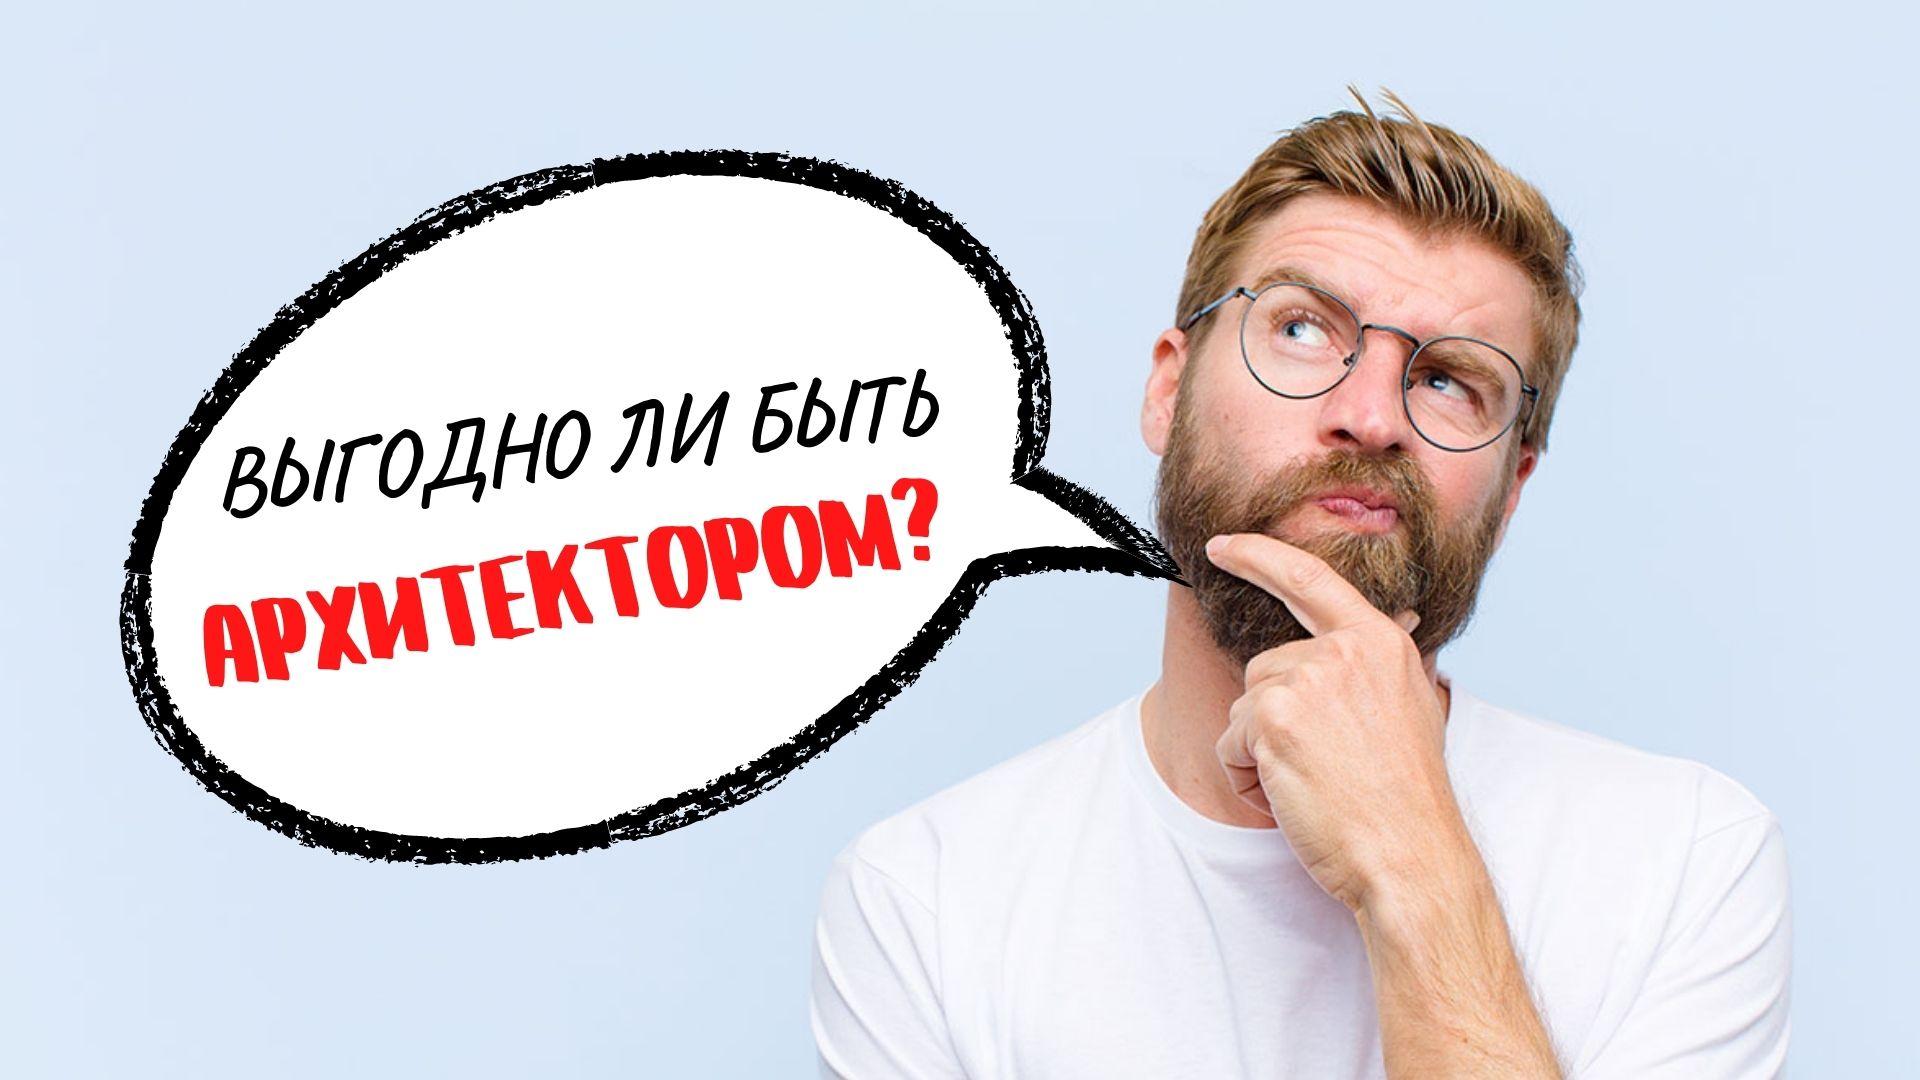 Сколько зарабатывает Архитектор в России в месяц?